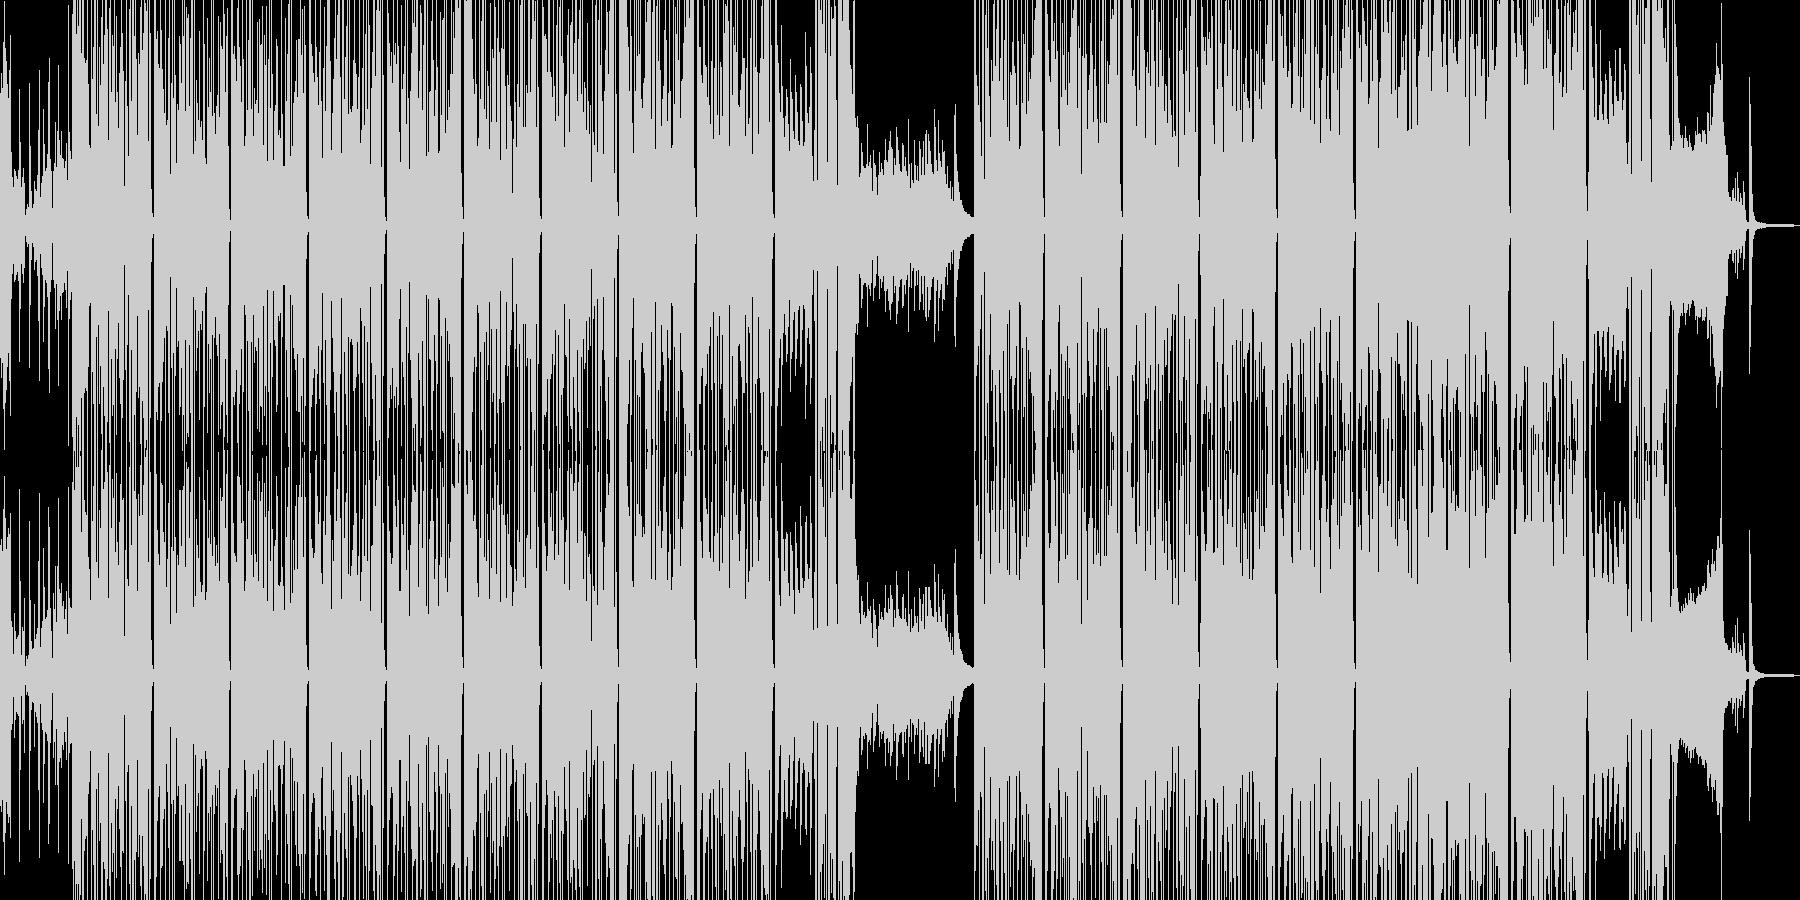 タイム制限クイズ・徐々に盛り上がる構成の未再生の波形